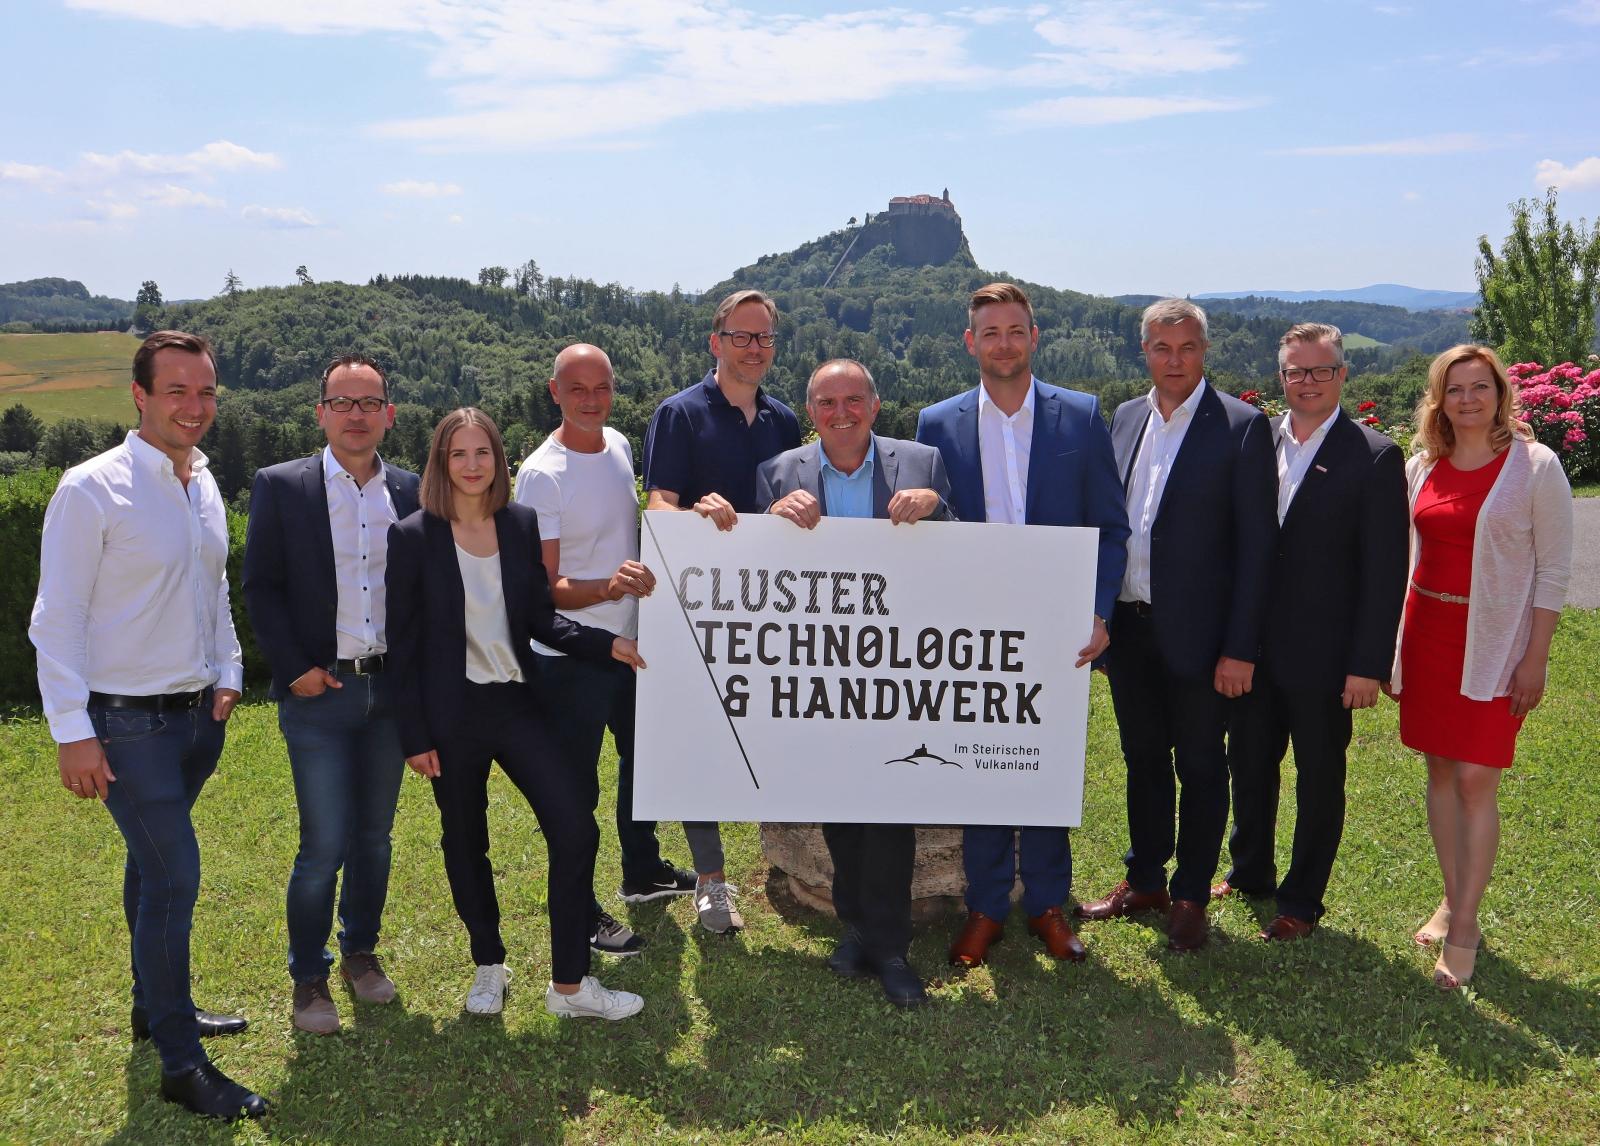 Cluster Technologie & Handwerk im Steirischen Vulkanland